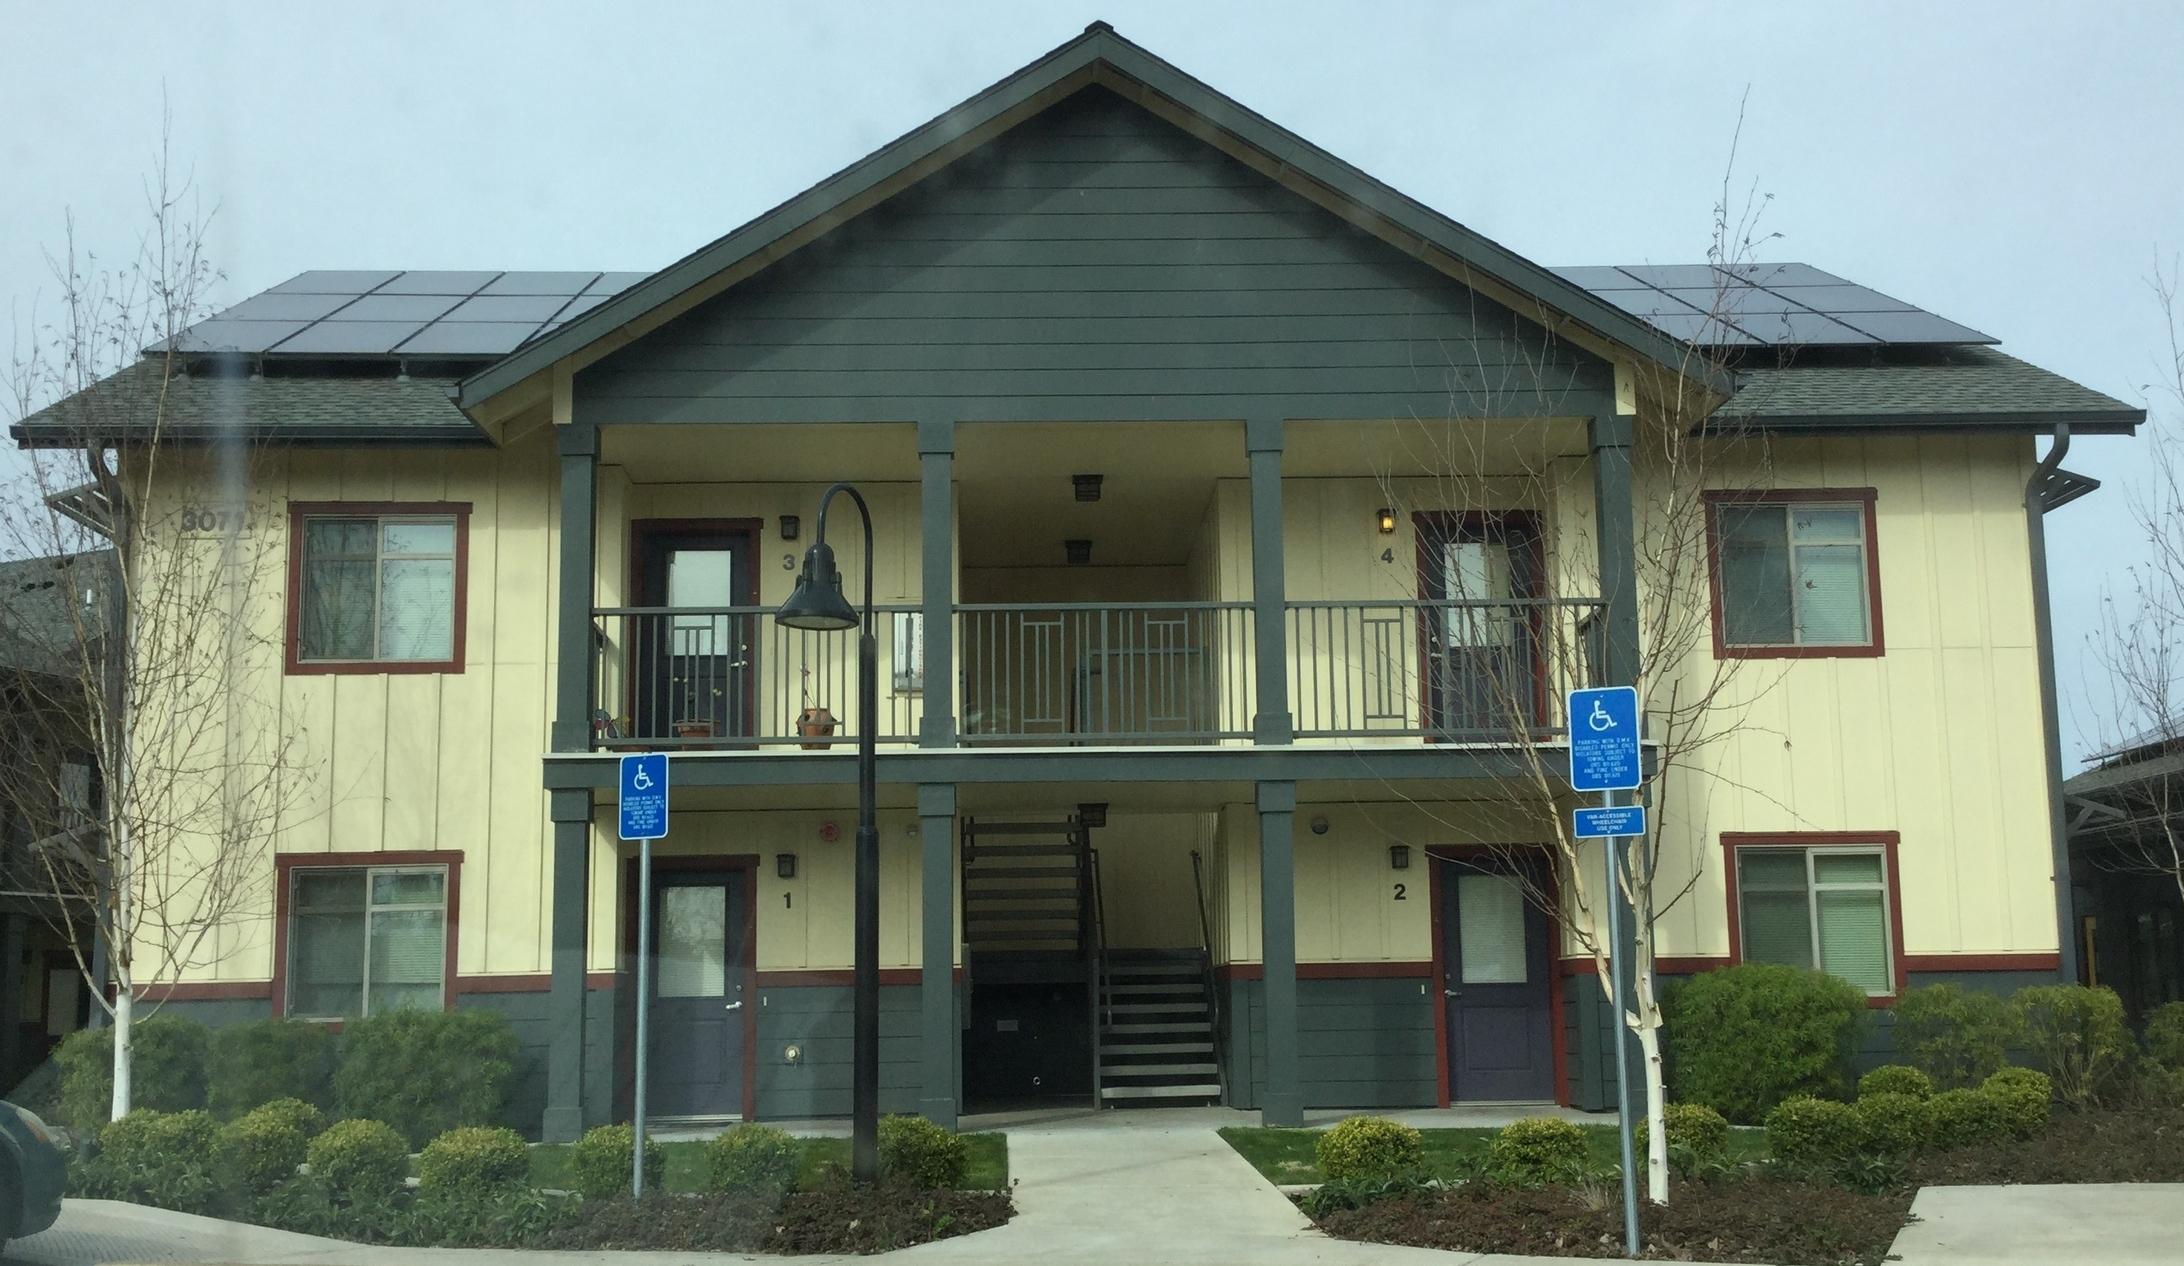 Four-unit apartment building